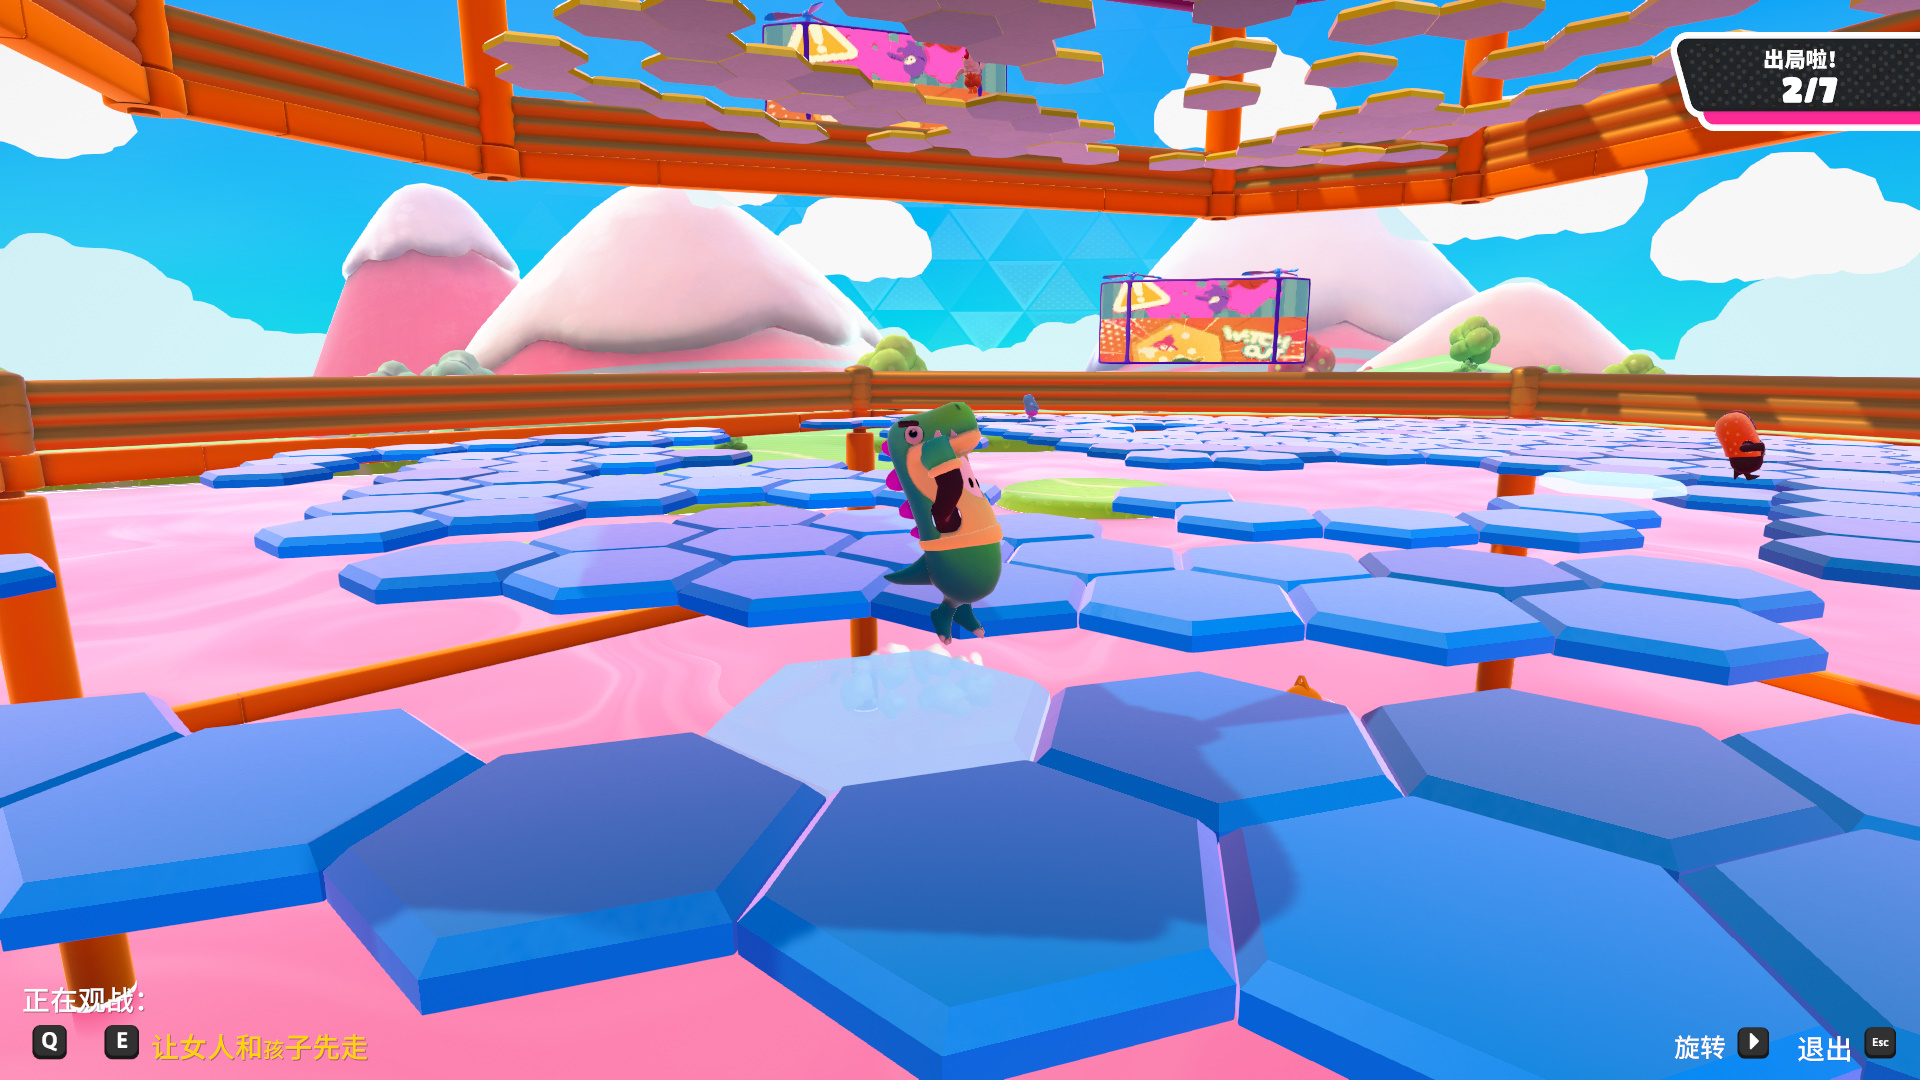 游戏中的博弈论 《糖豆人》为大逃杀展开了一条新思路 (5)